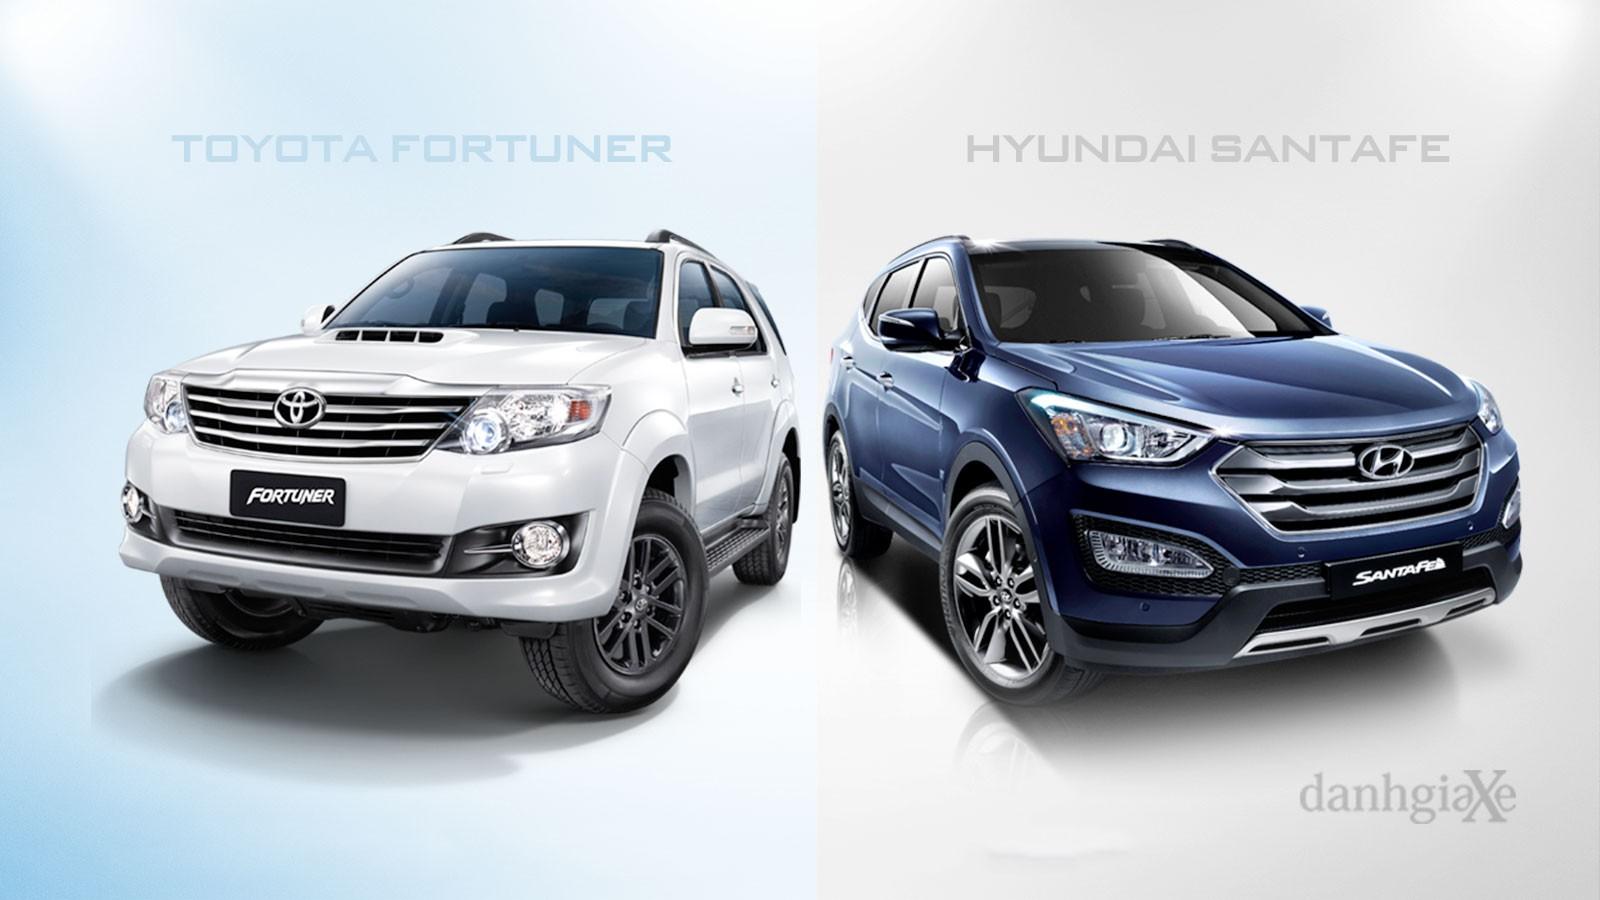 So sánh Hyundai SantaFe và Toyota Fortuner trong tầm tiền 1,3 tỷ đồng